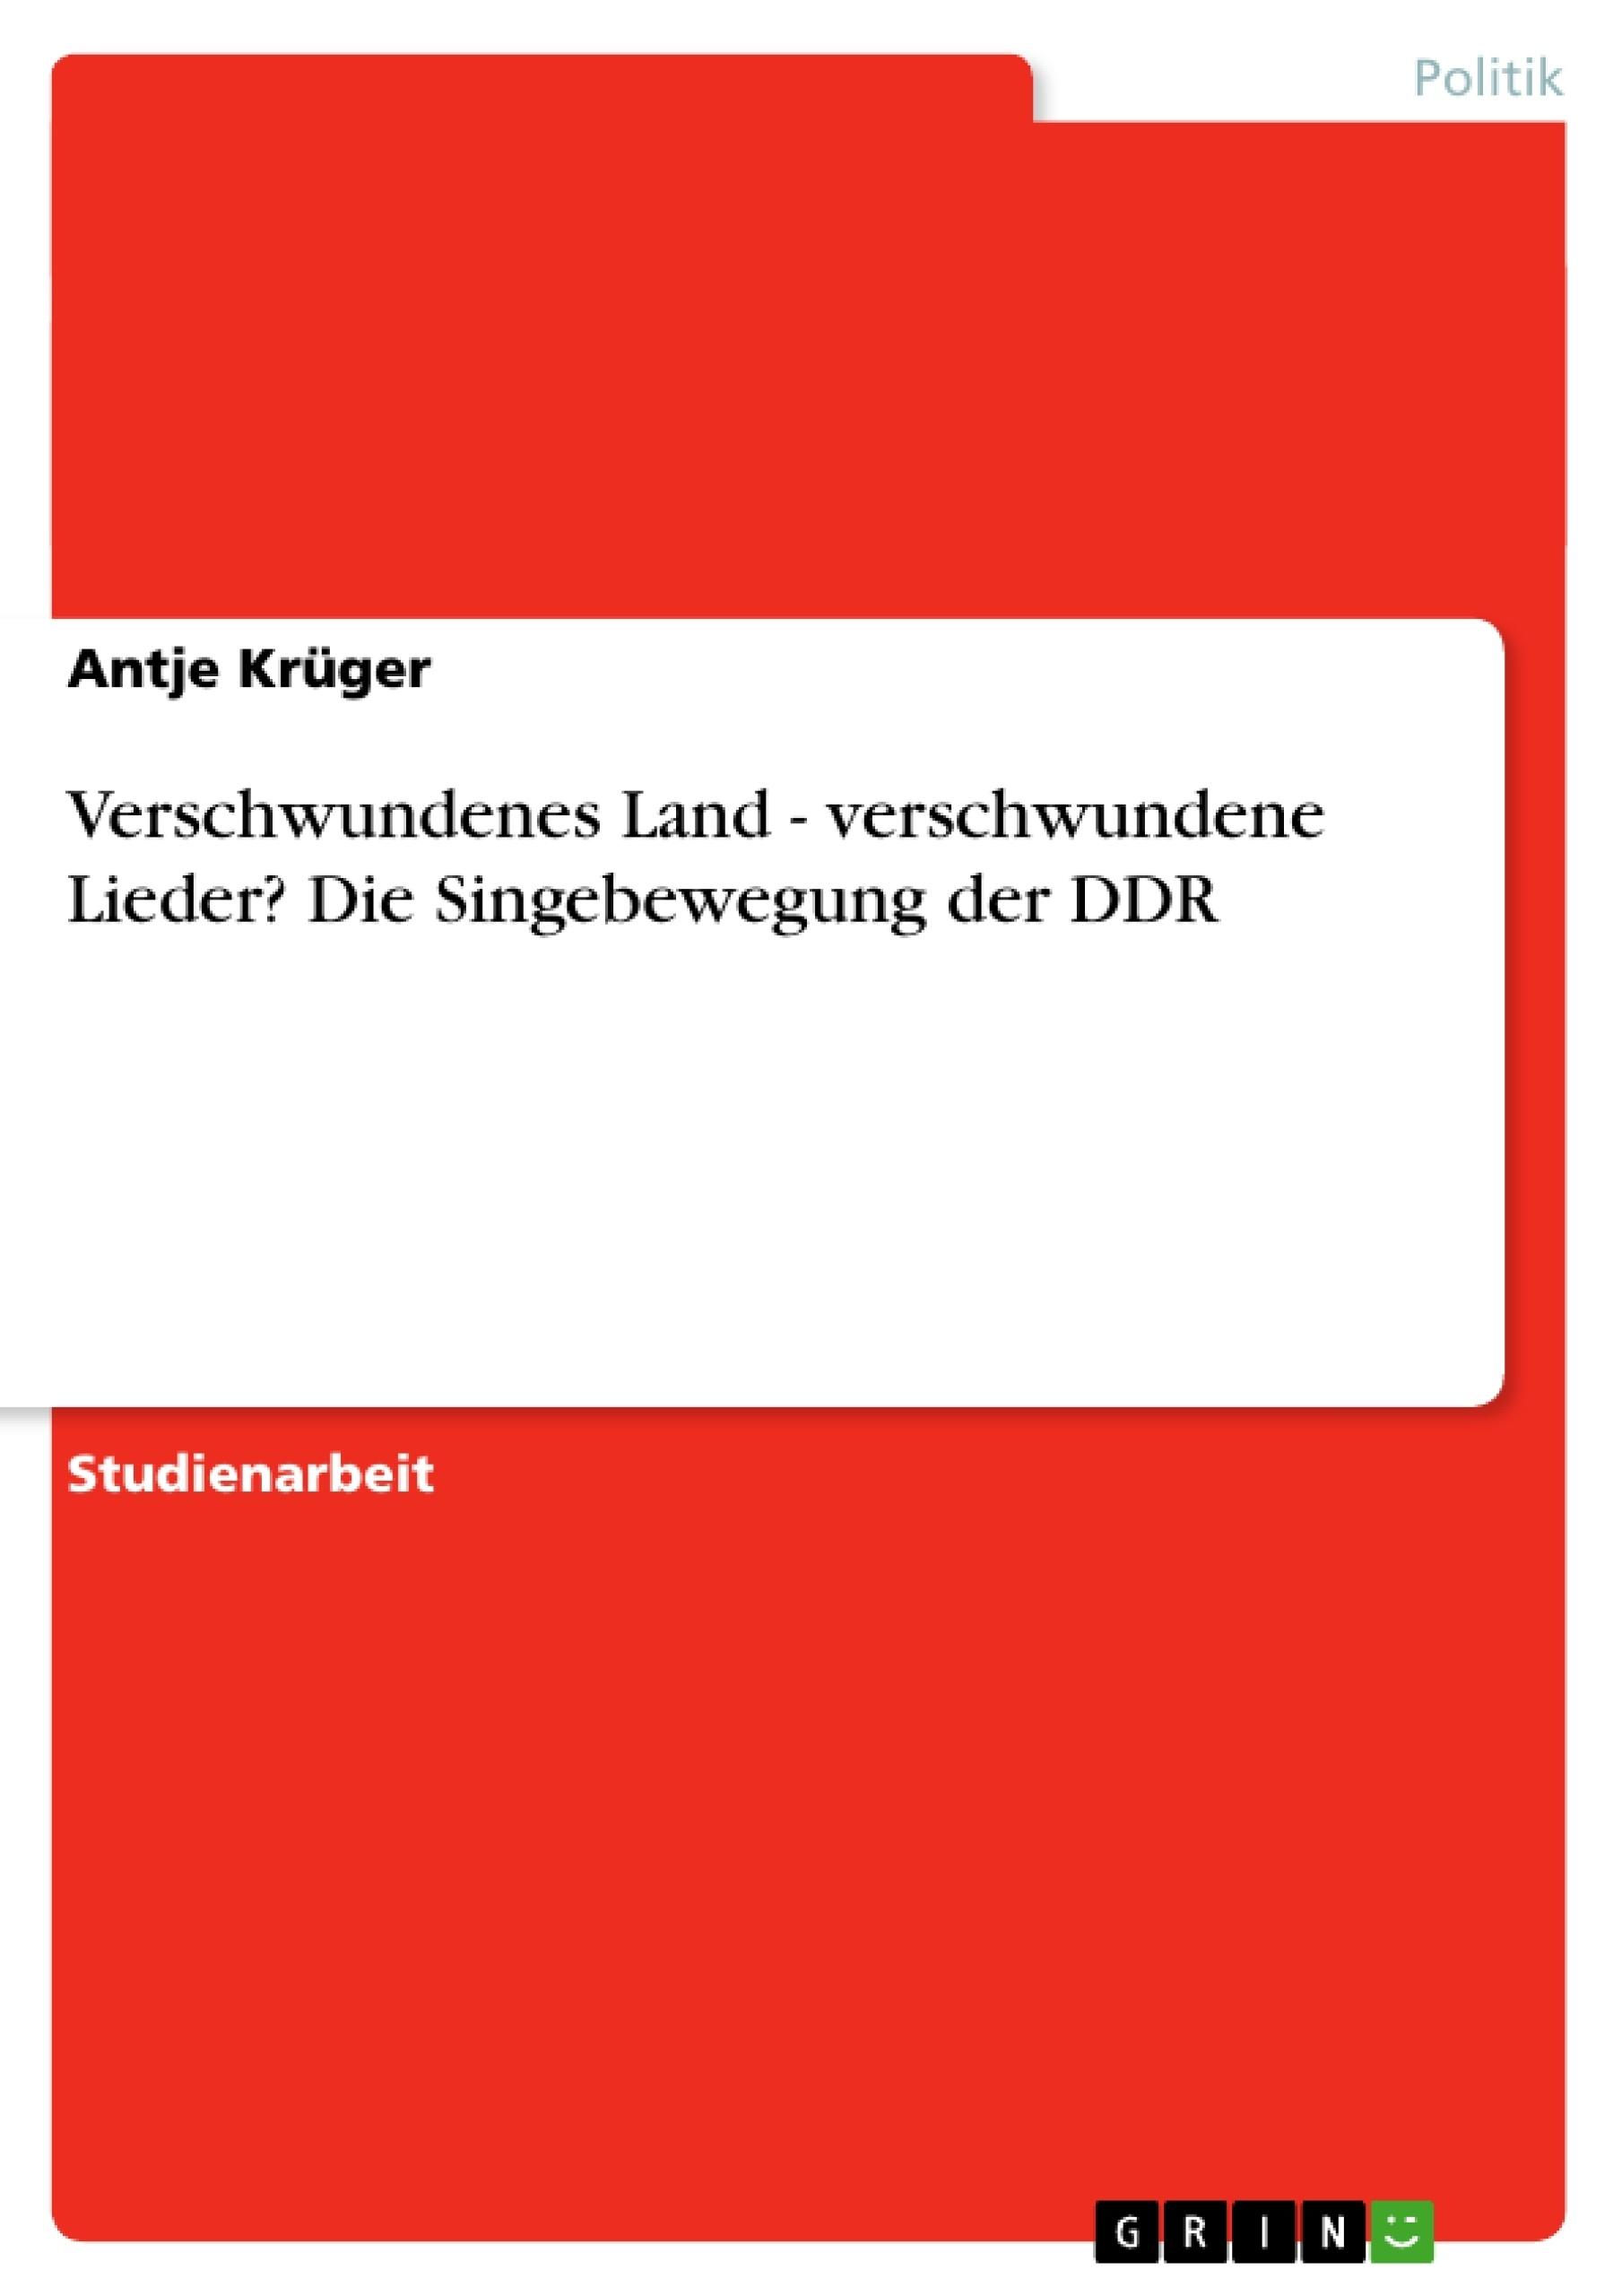 Titel:  Verschwundenes Land - verschwundene Lieder? Die Singebewegung der DDR